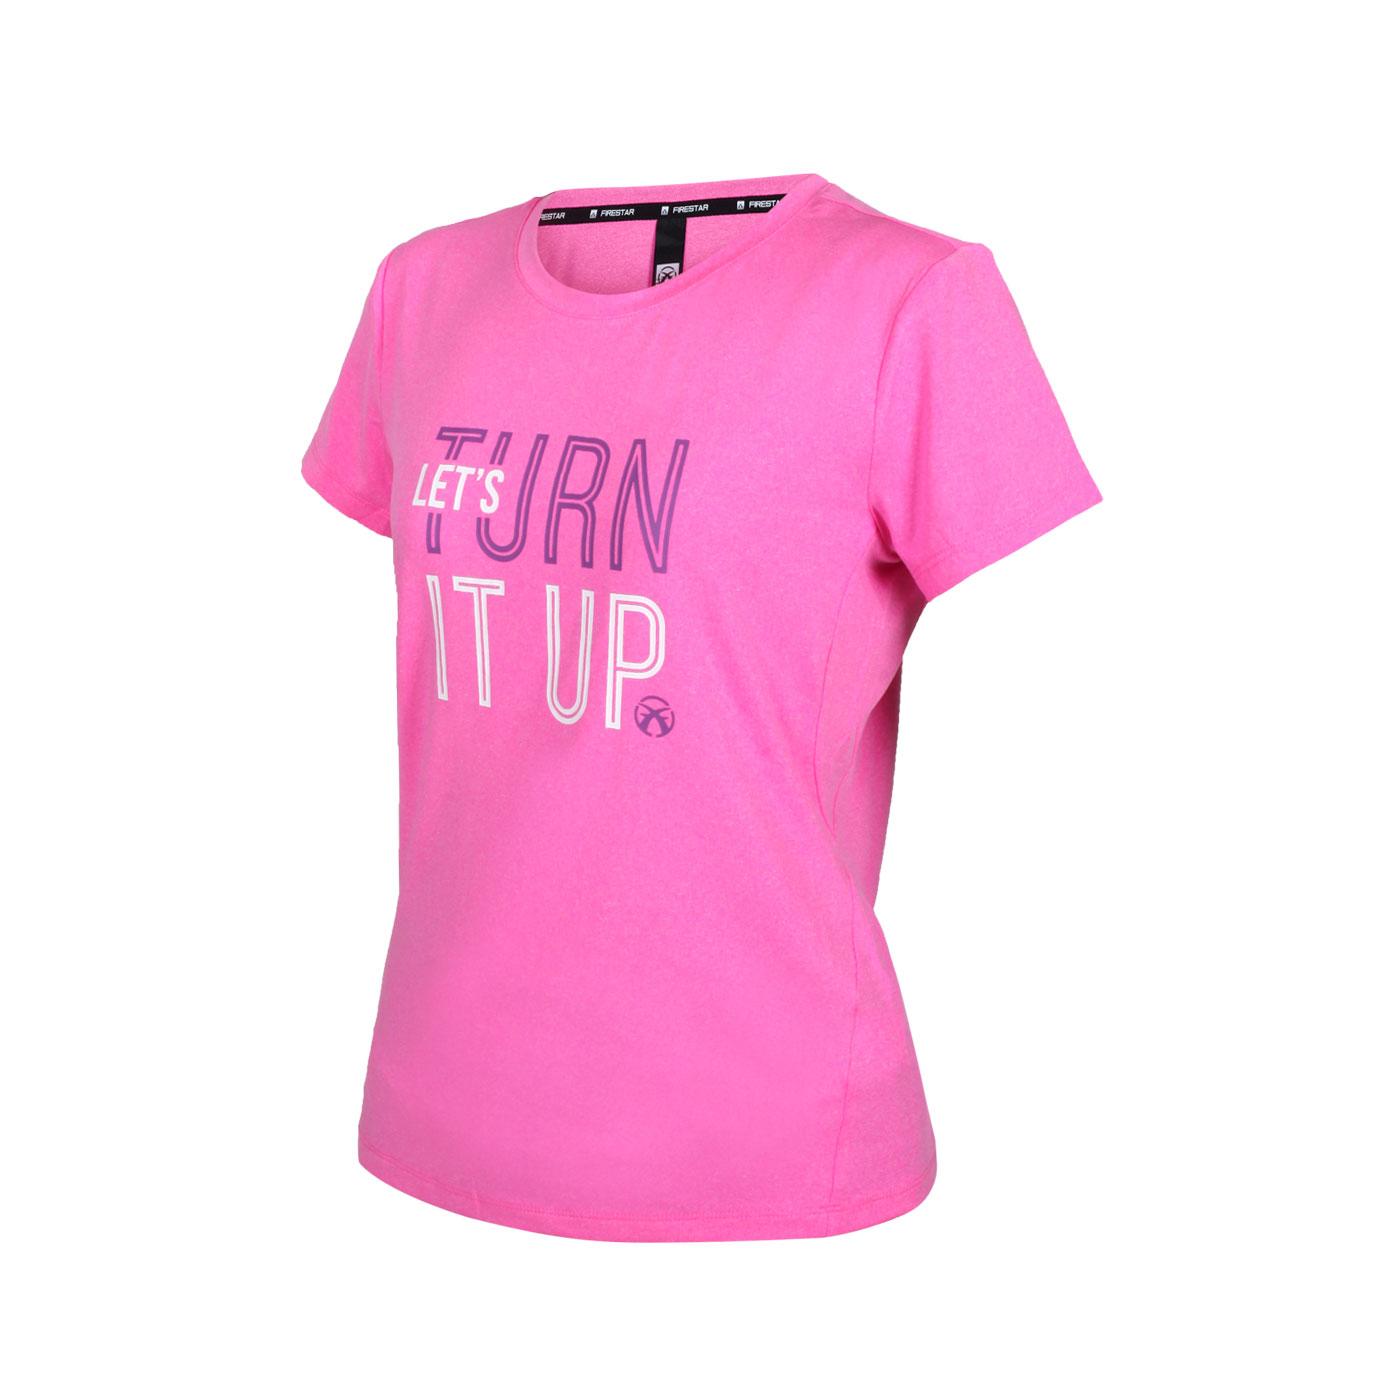 FIRESTAR 女款彈性印花圓領短袖T恤 DL166-45 - 亮桃紅白